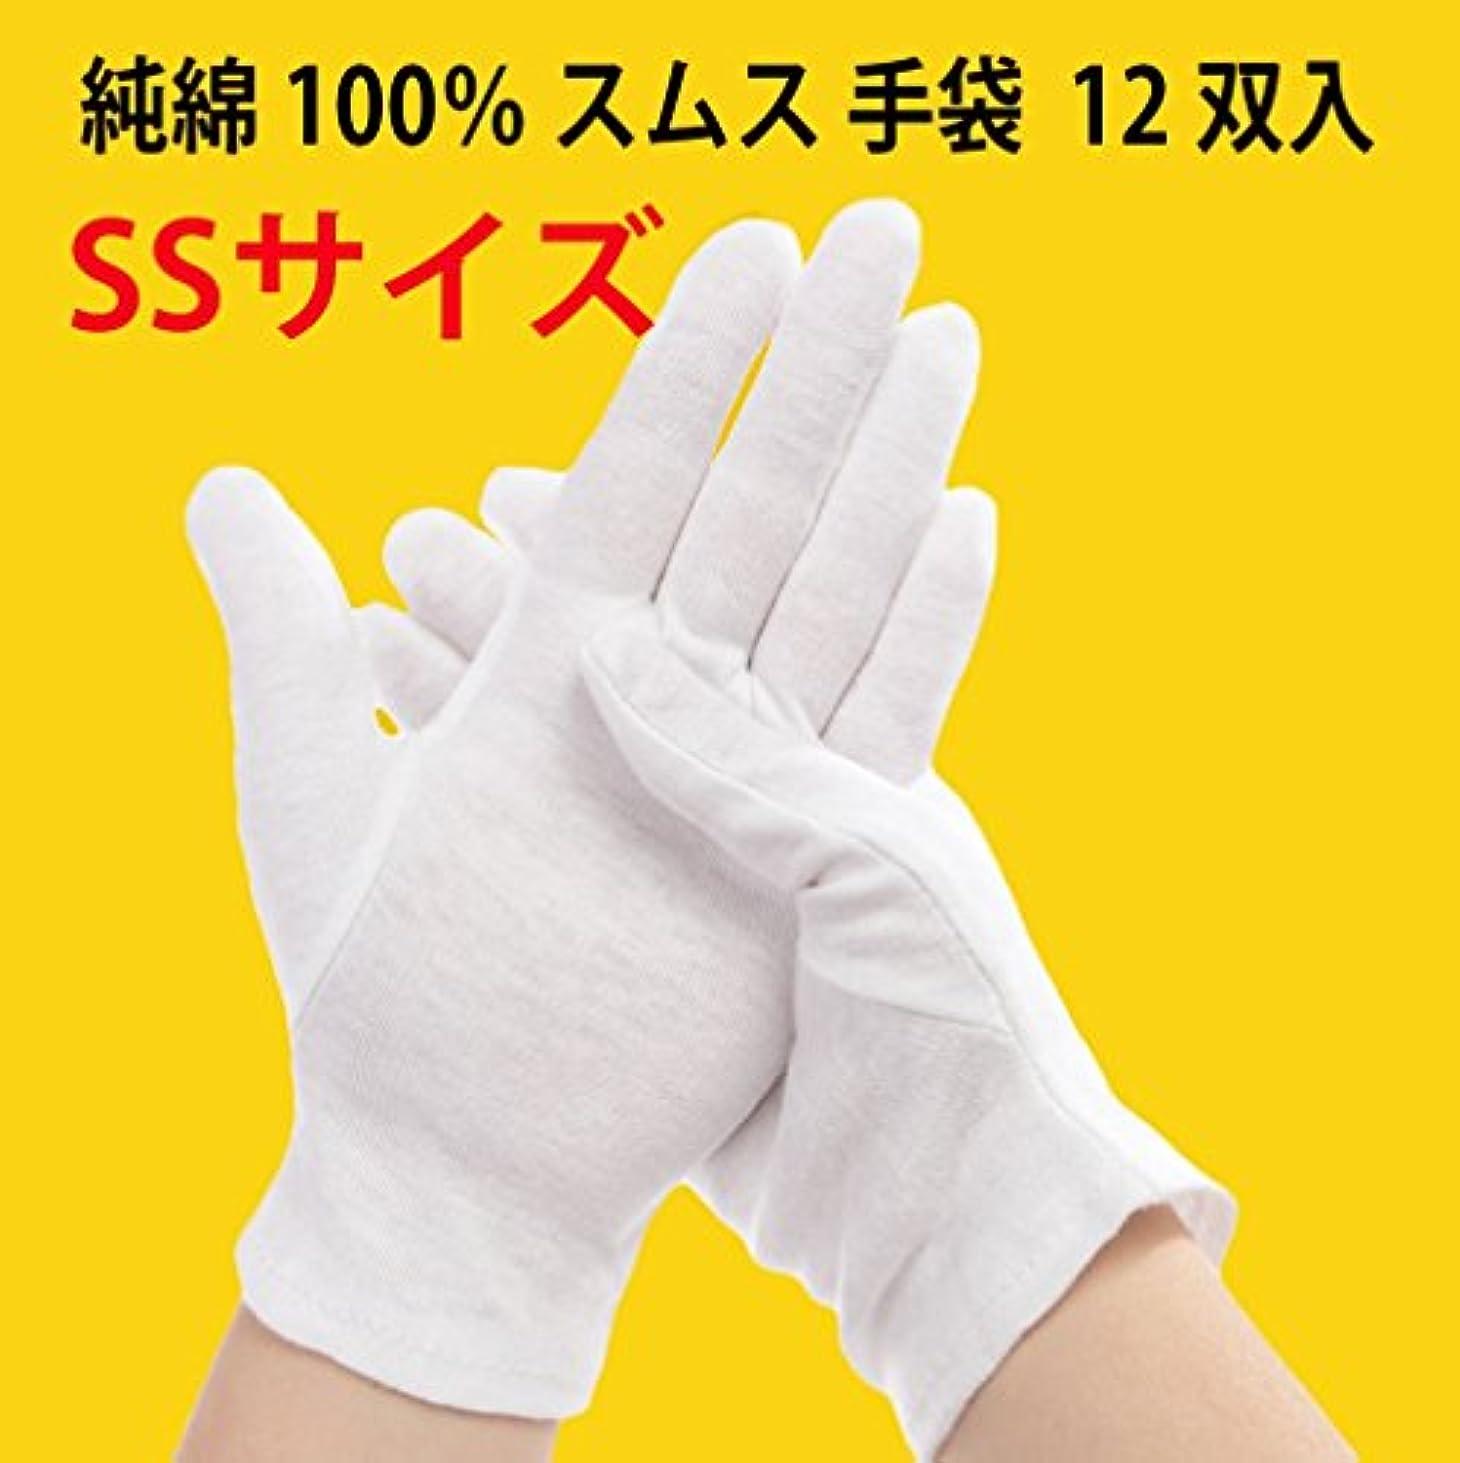 正確に注入する矢純綿100% スムス 手袋 SSサイズ 12双入 子供?女性に最適 多用途 101111